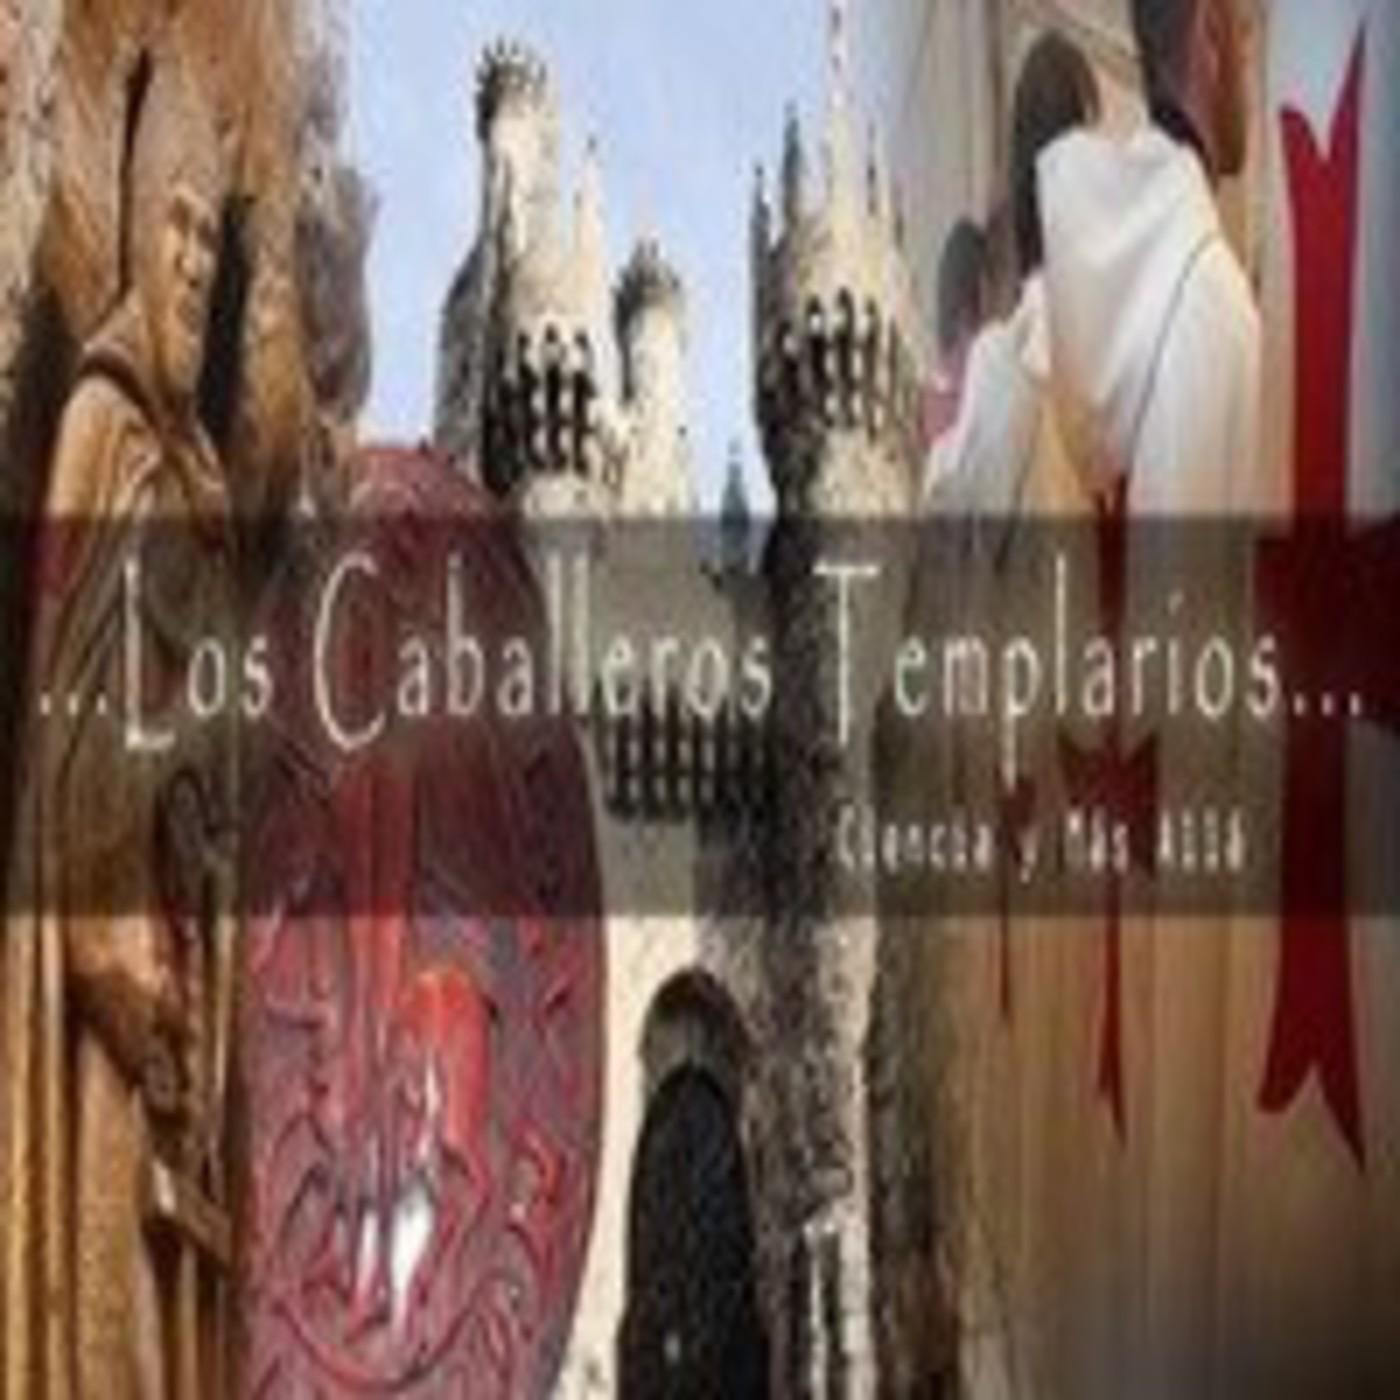 CIENCIA Y MÁS ALLÁ (Radio Cantillana): Los Caballeros Templarios.